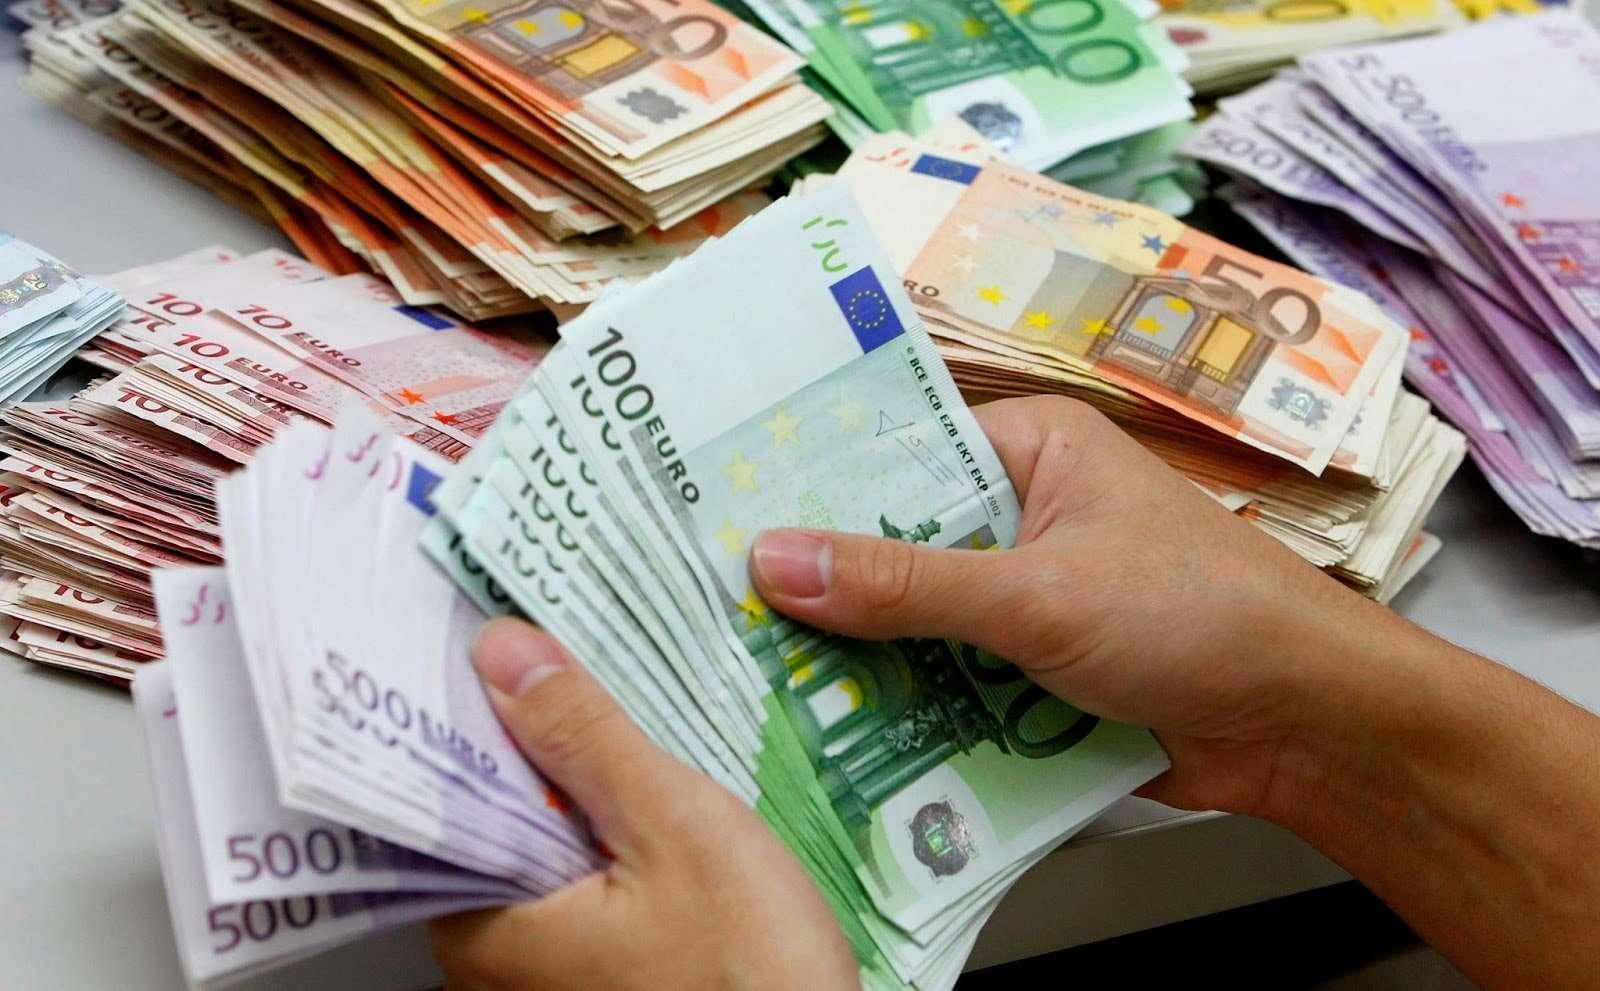 Qeveria ndanë miliona euro për paga shtesë për Doganën, ATK-në, AUV-in dhe Shërbimin Korrektues